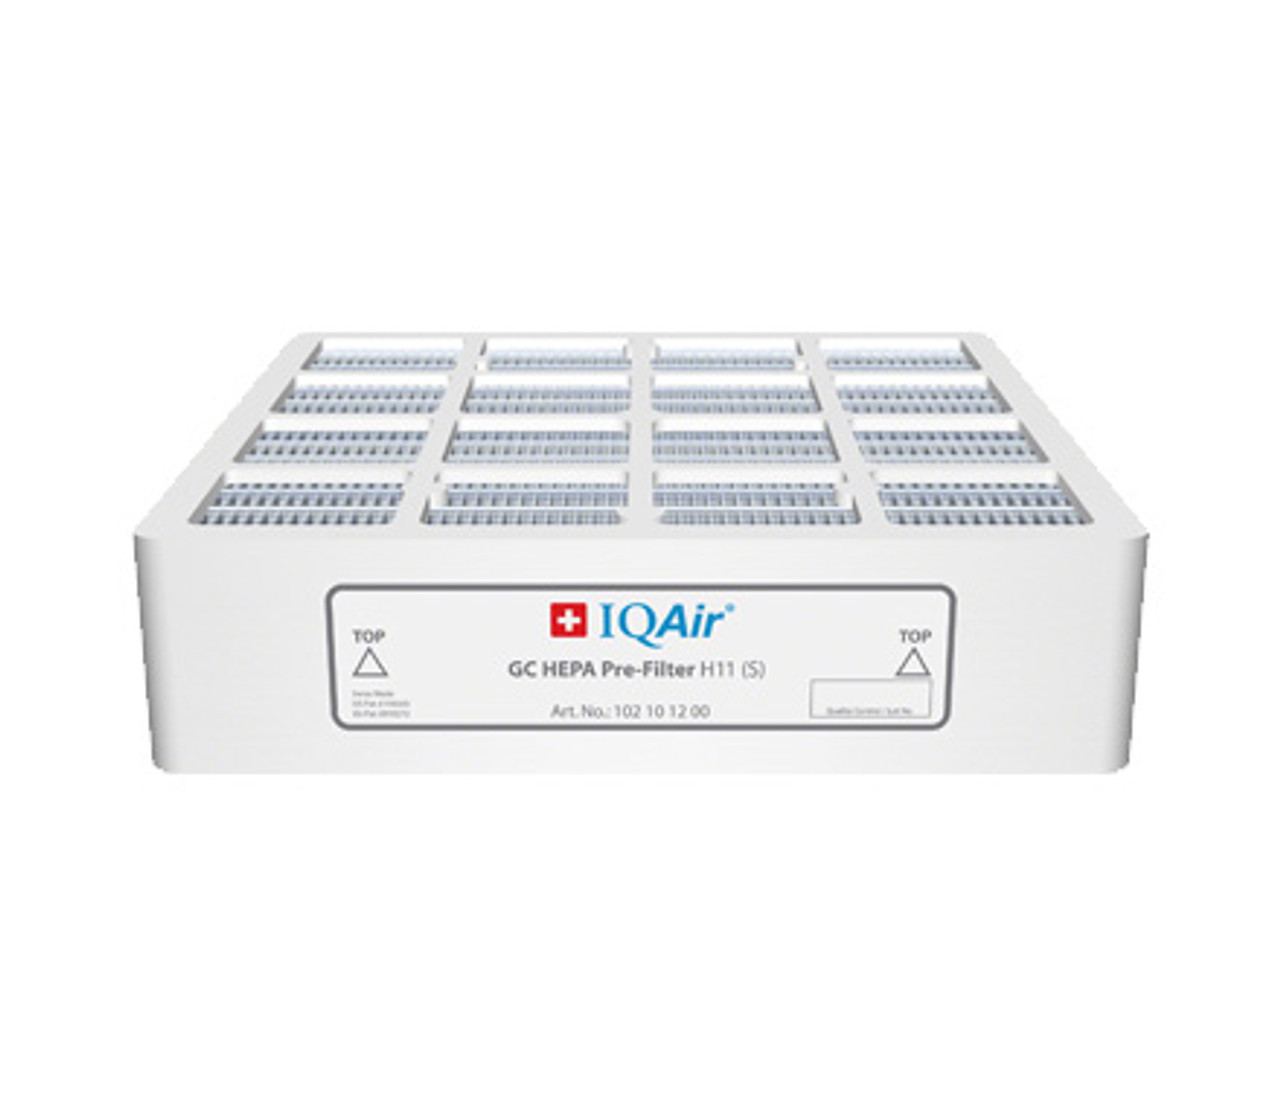 Iq Air Filters >> Iqair Gc Multigas Hyperhepa Pre Filter H11